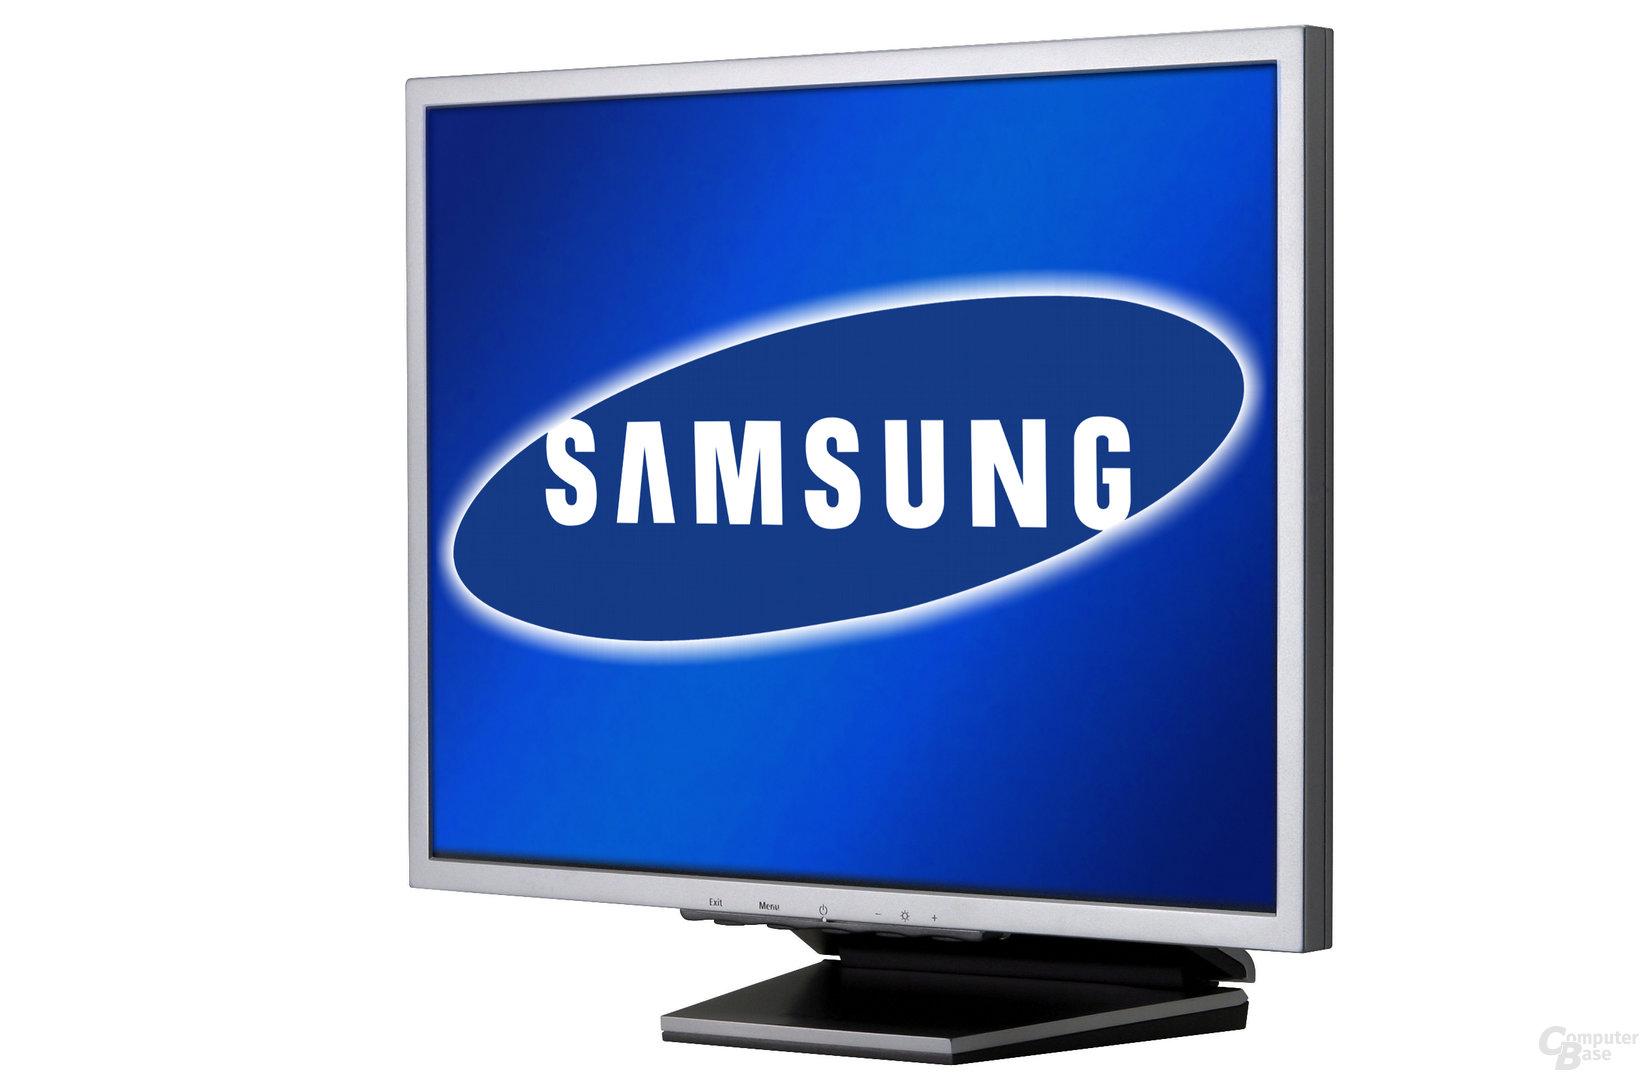 Samsung 172X